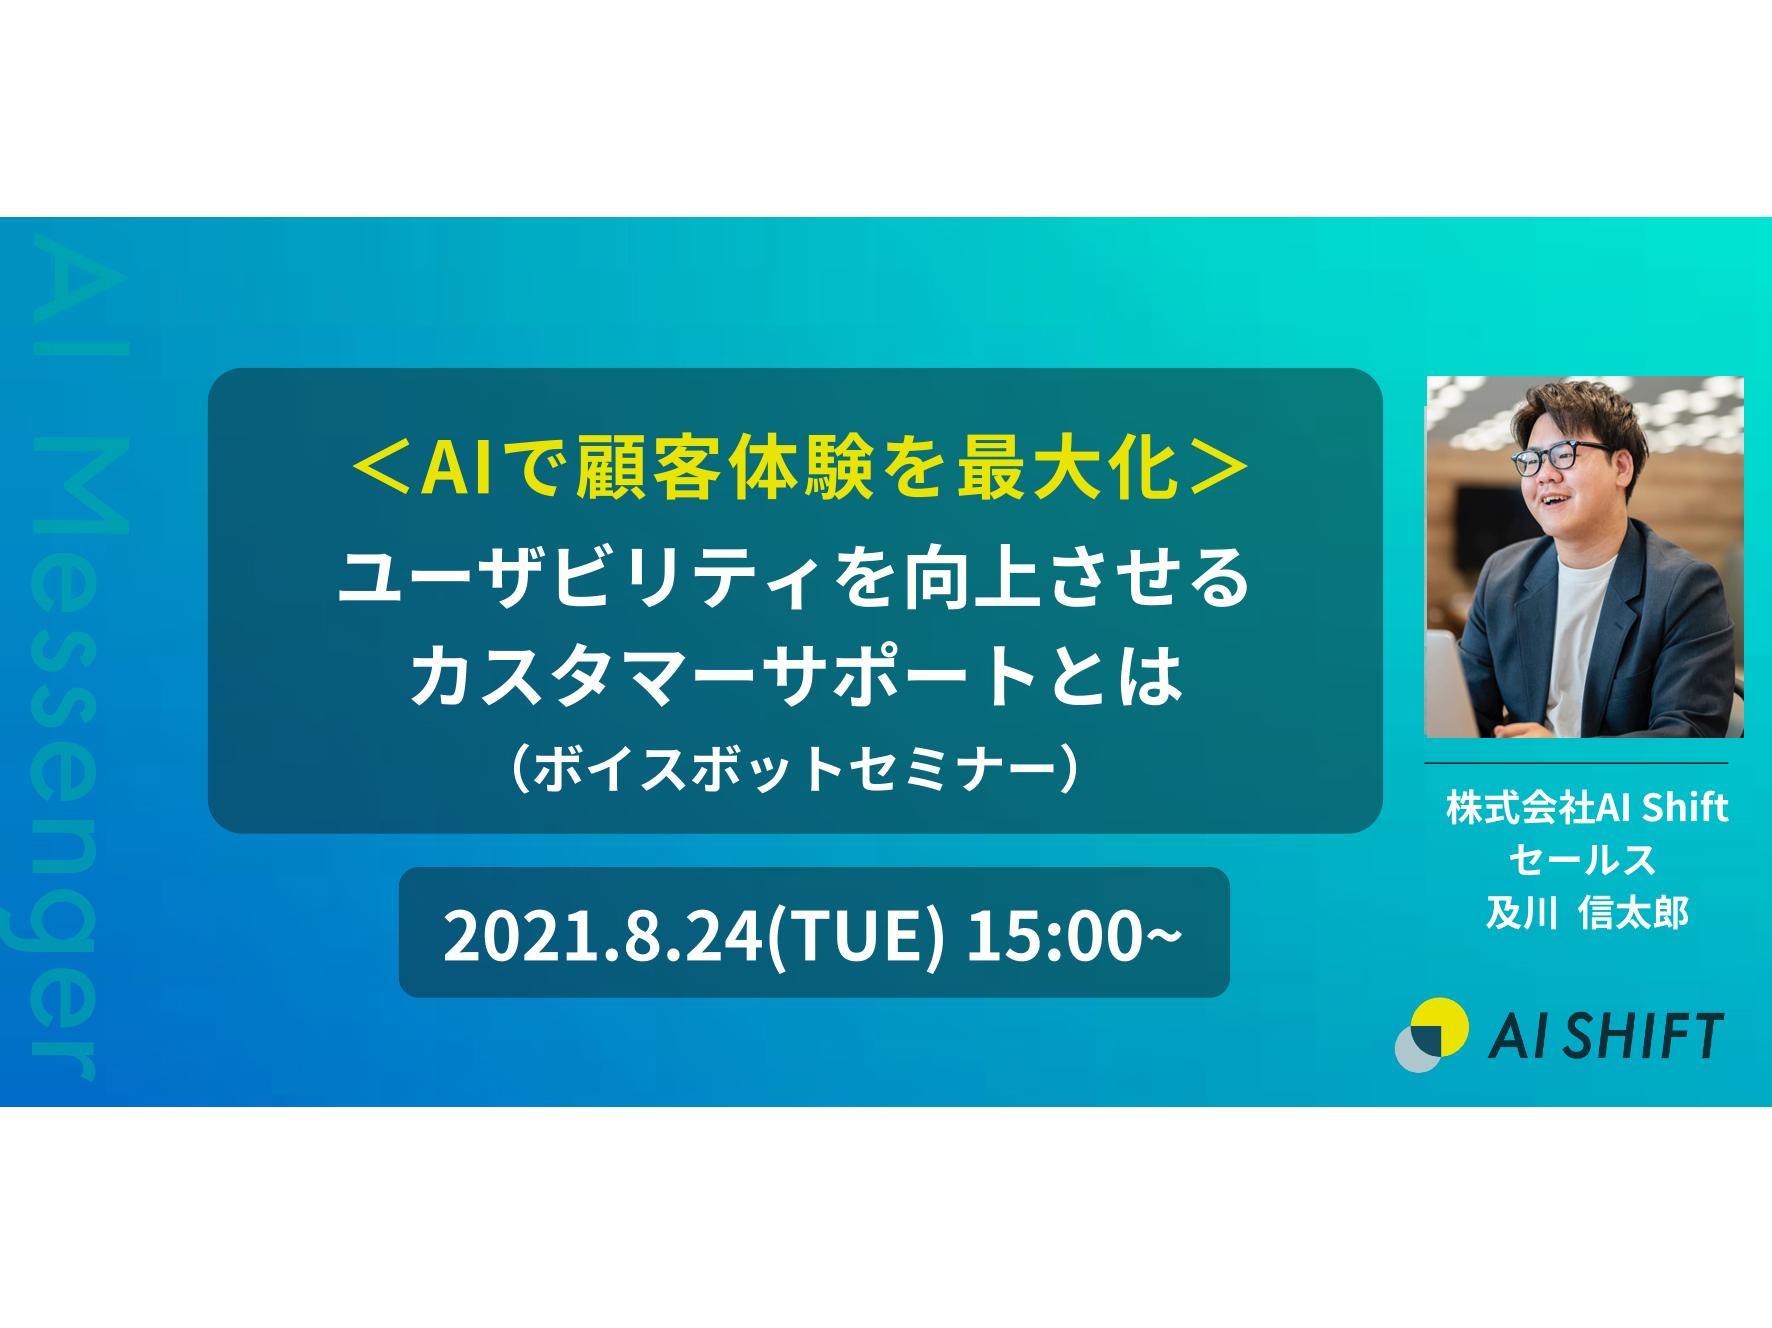 【8月24日(火)開催 オンラインセミナー】<AIで顧客体験を最大化>ユーザービリティを最大化させるカスタマーサポートとは(ボイスボットセミナー)